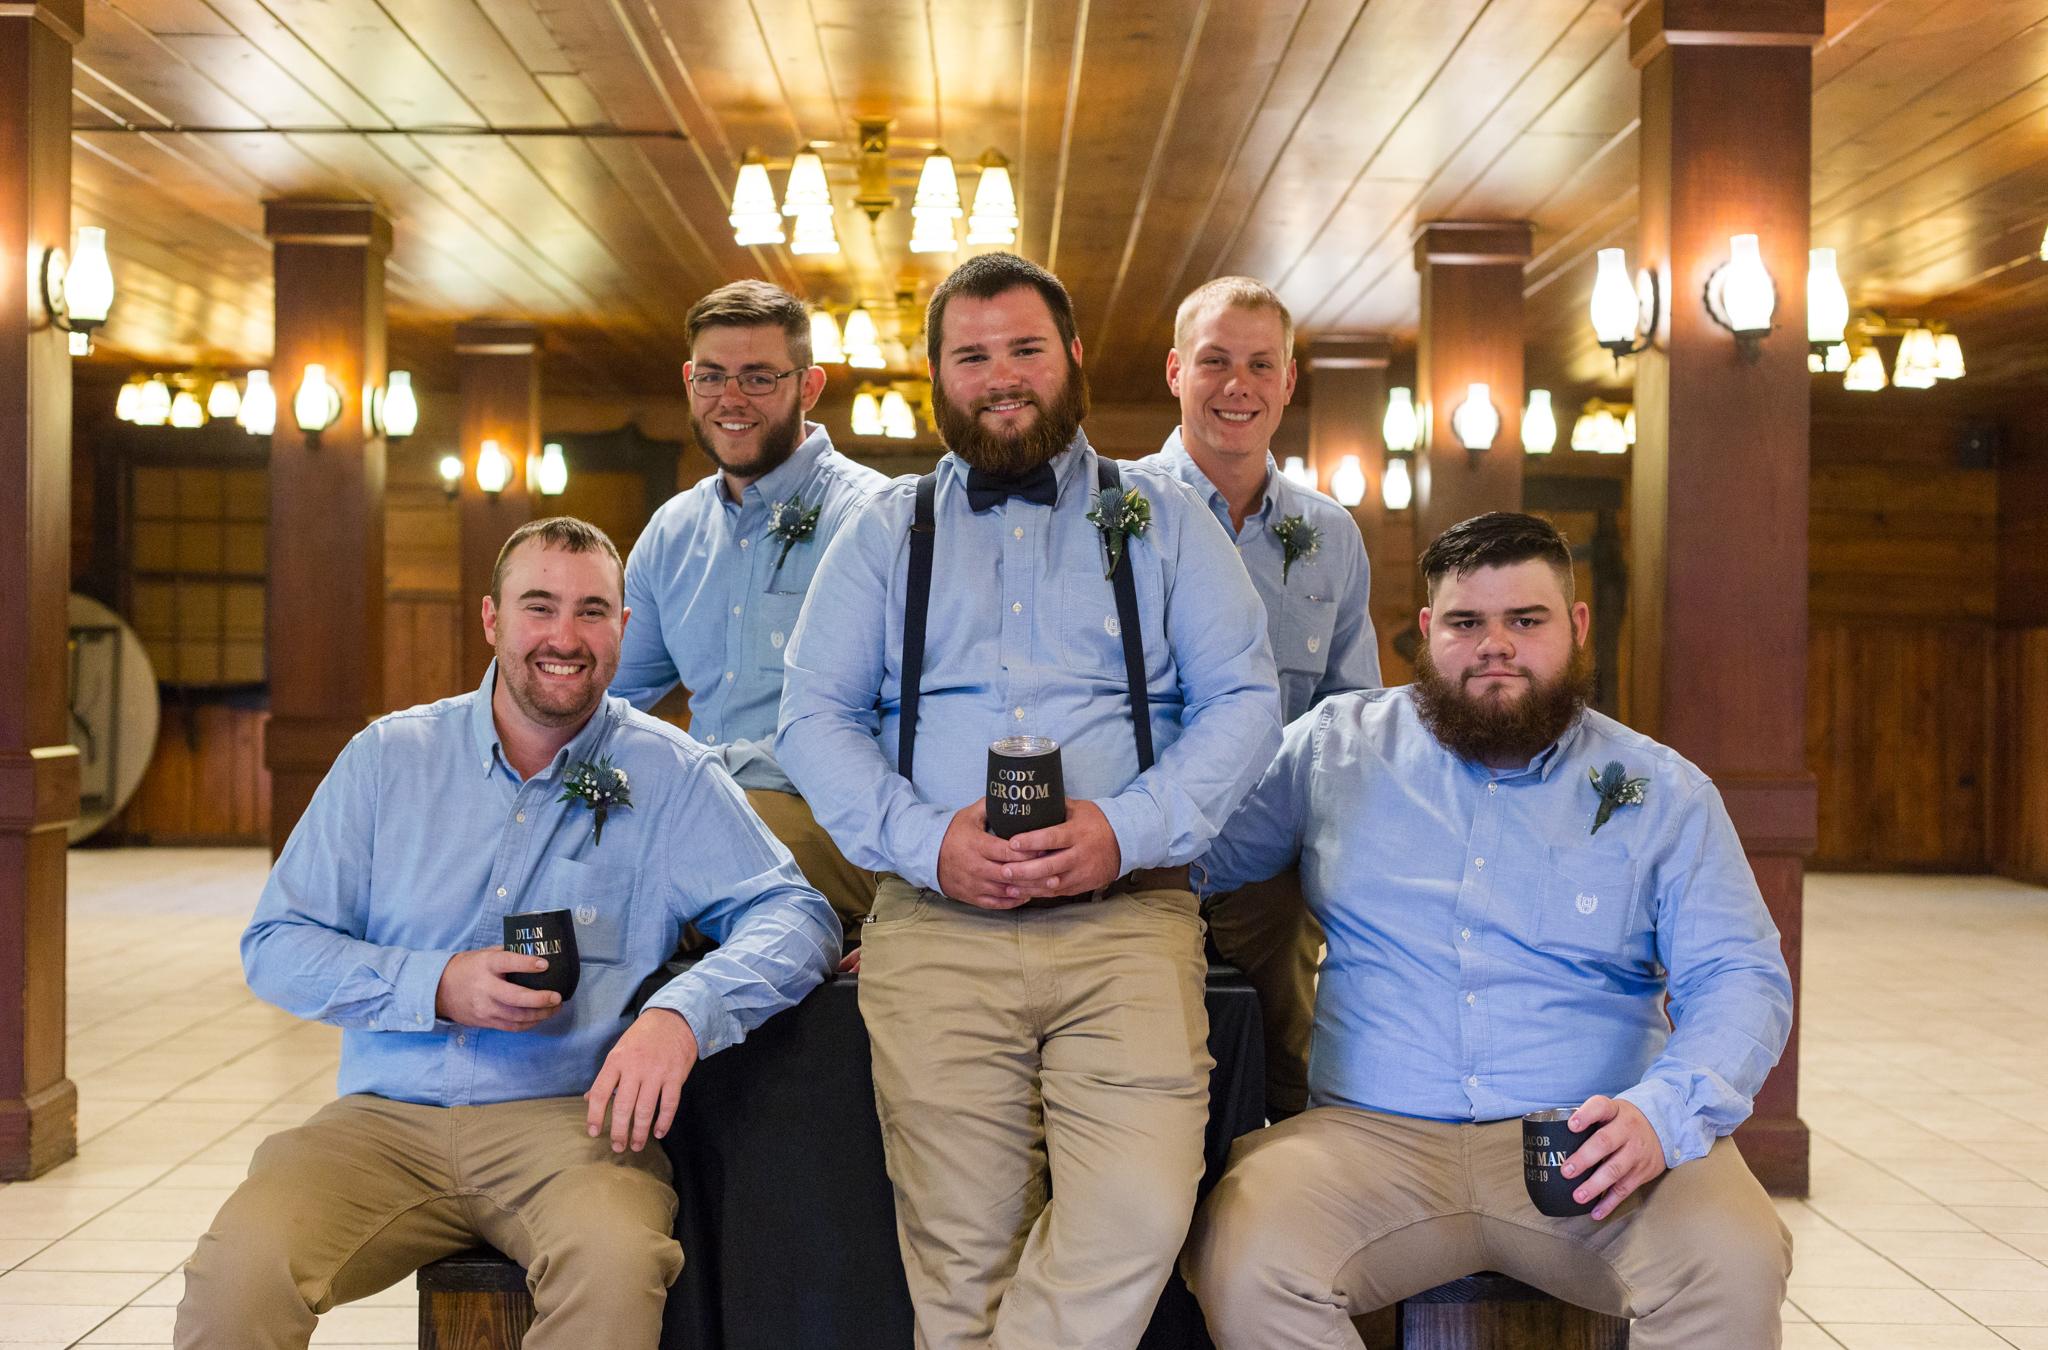 groom and grromsment